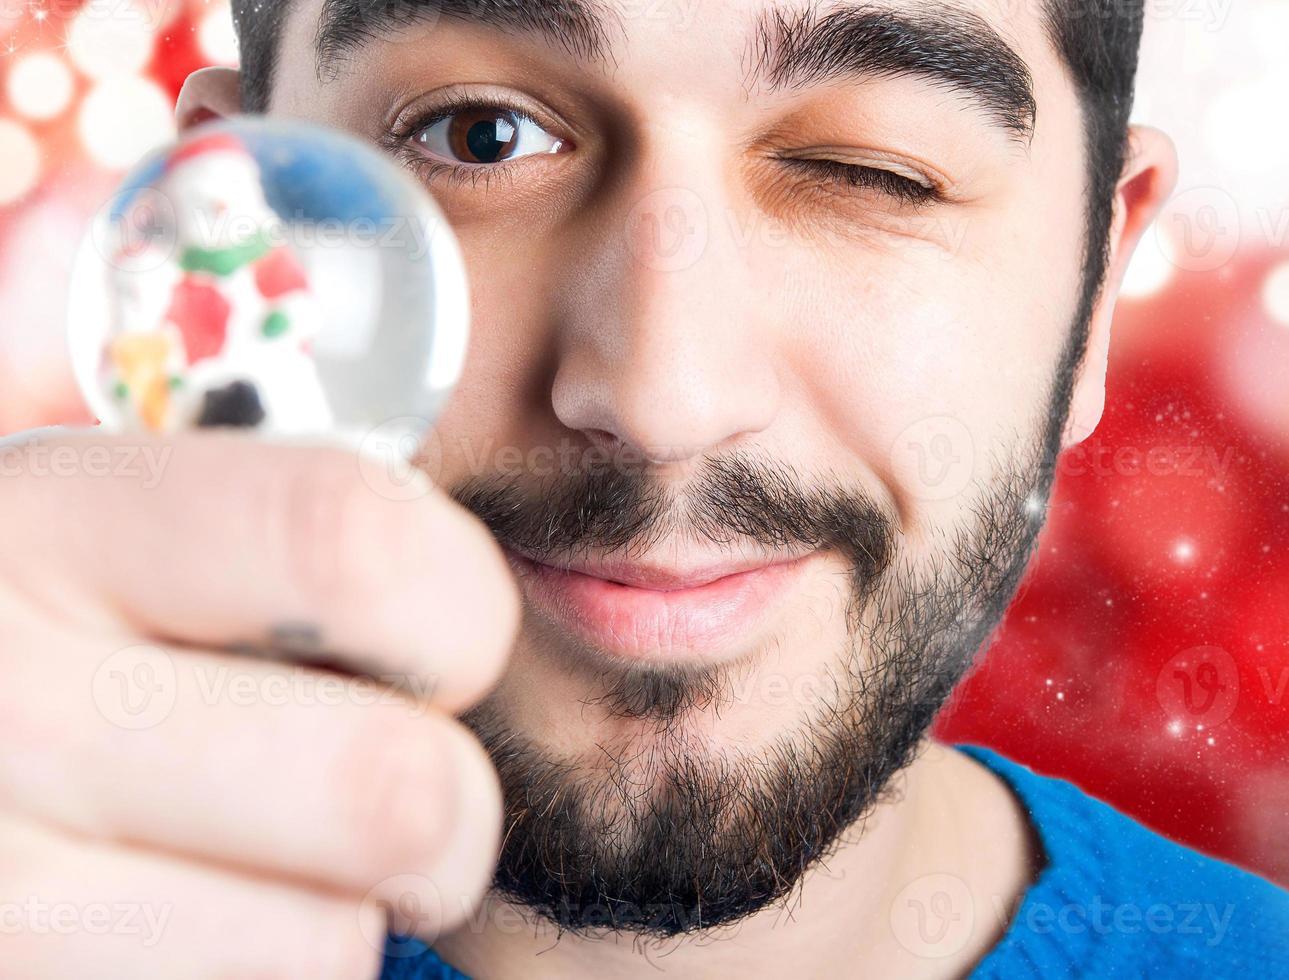 jovem feliz segurando uma bola de Natal. foto